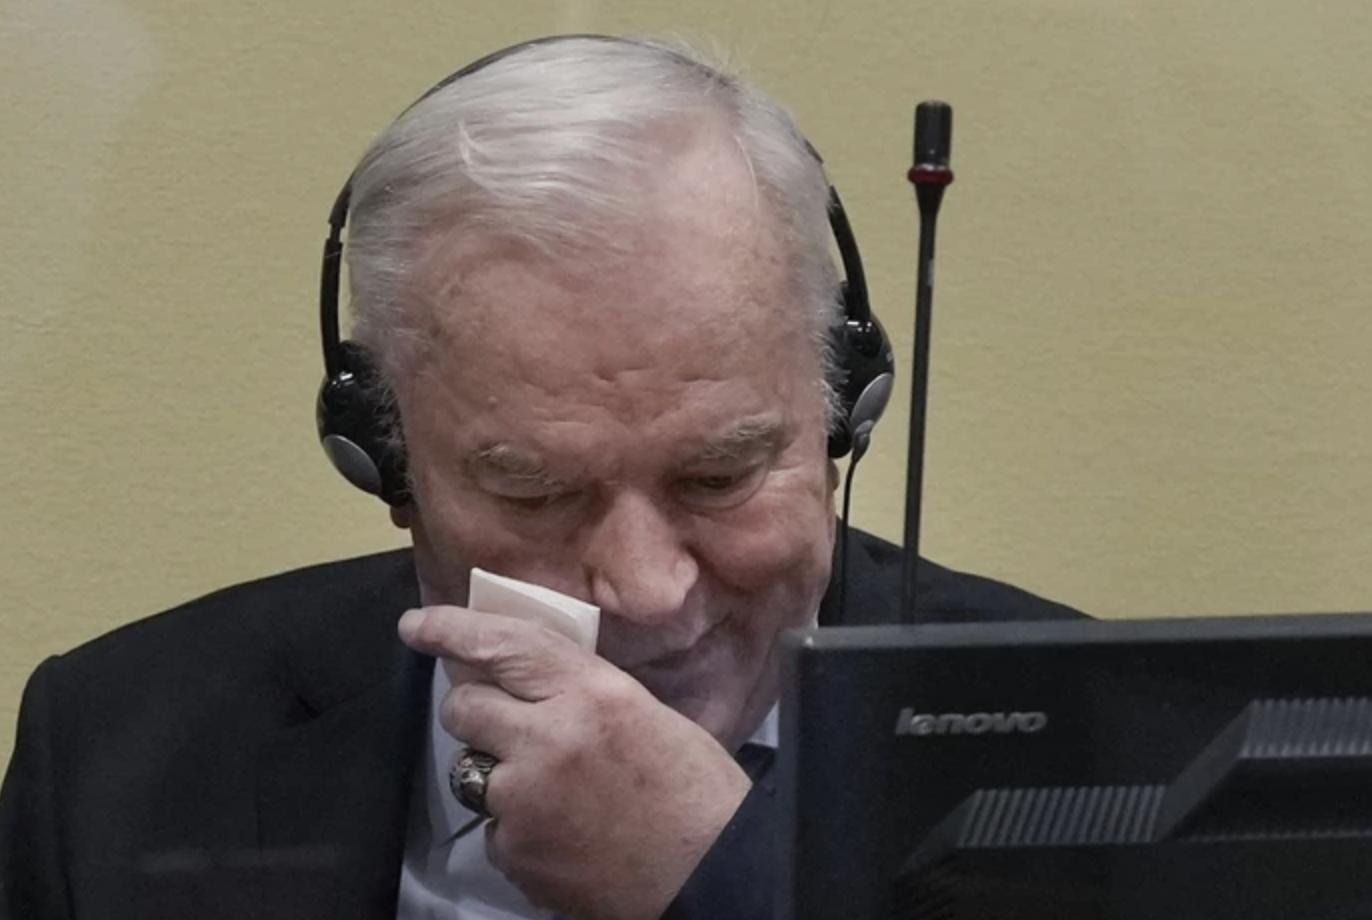 Χαιρετίστηκε η καταδίκη του Mladic από τη Διεθνή Κοινότητα